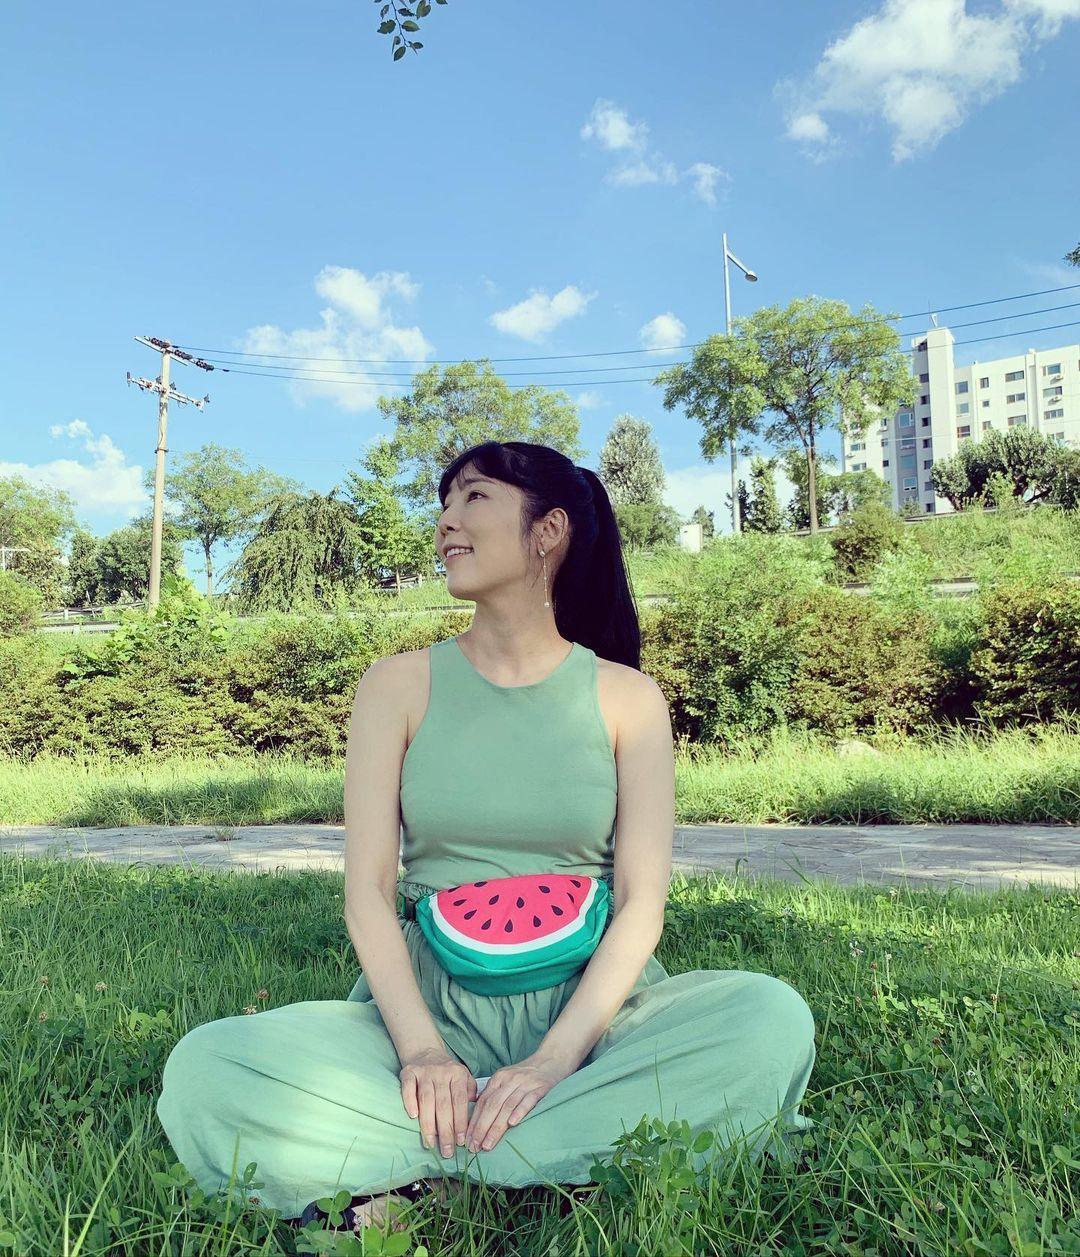 韩国41岁女星未婚生子引热议,原因公开后被网友大赞有勇气!插图4